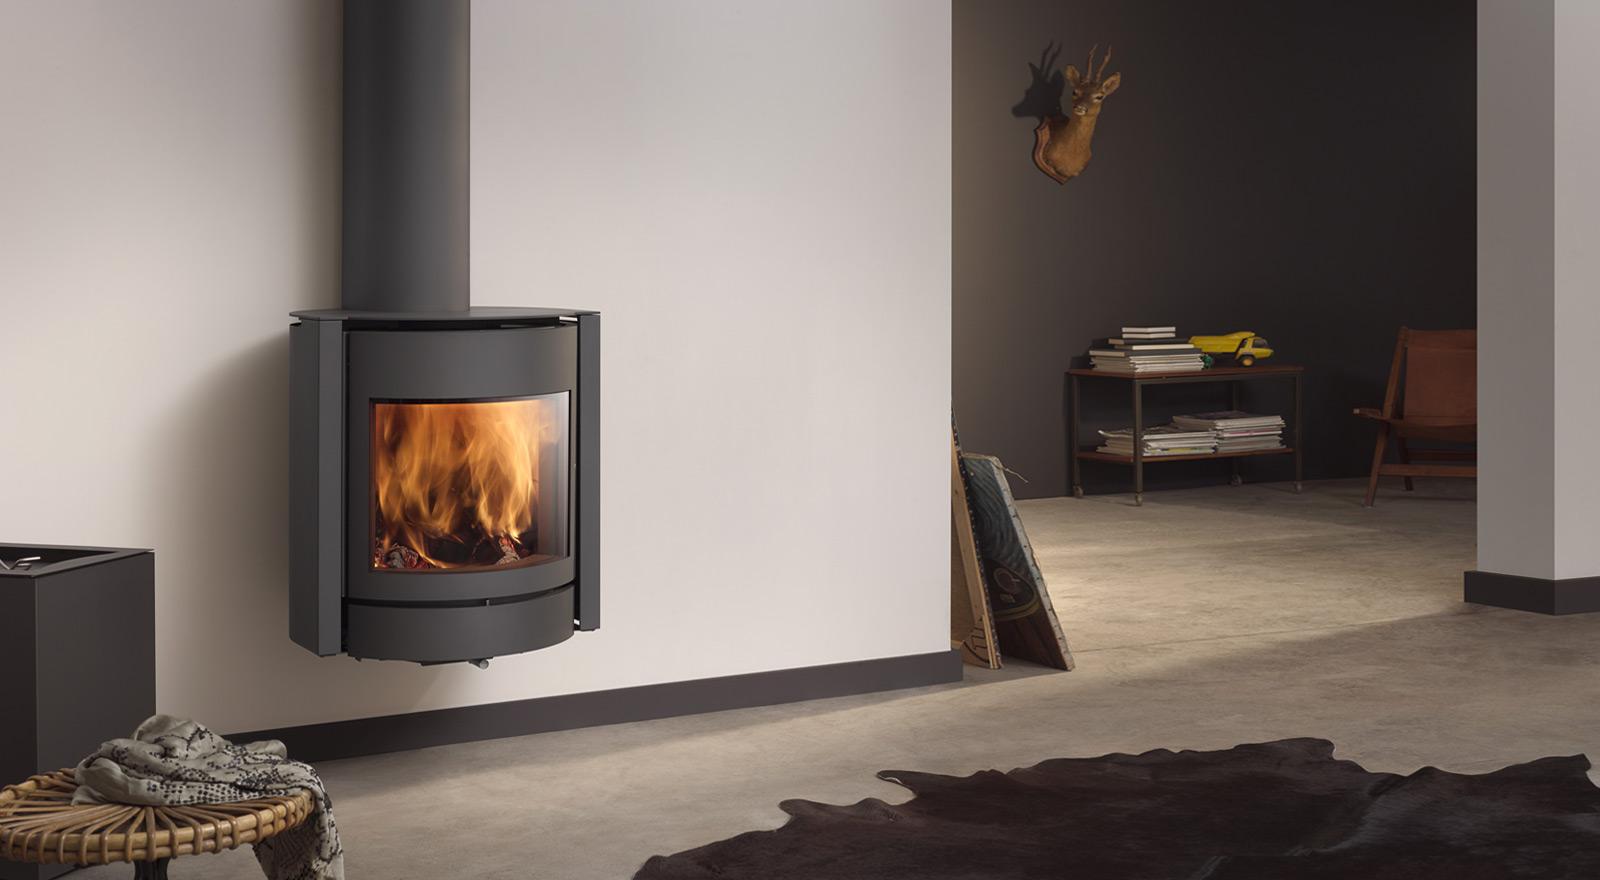 houtkachel stuv30 up st v. Black Bedroom Furniture Sets. Home Design Ideas